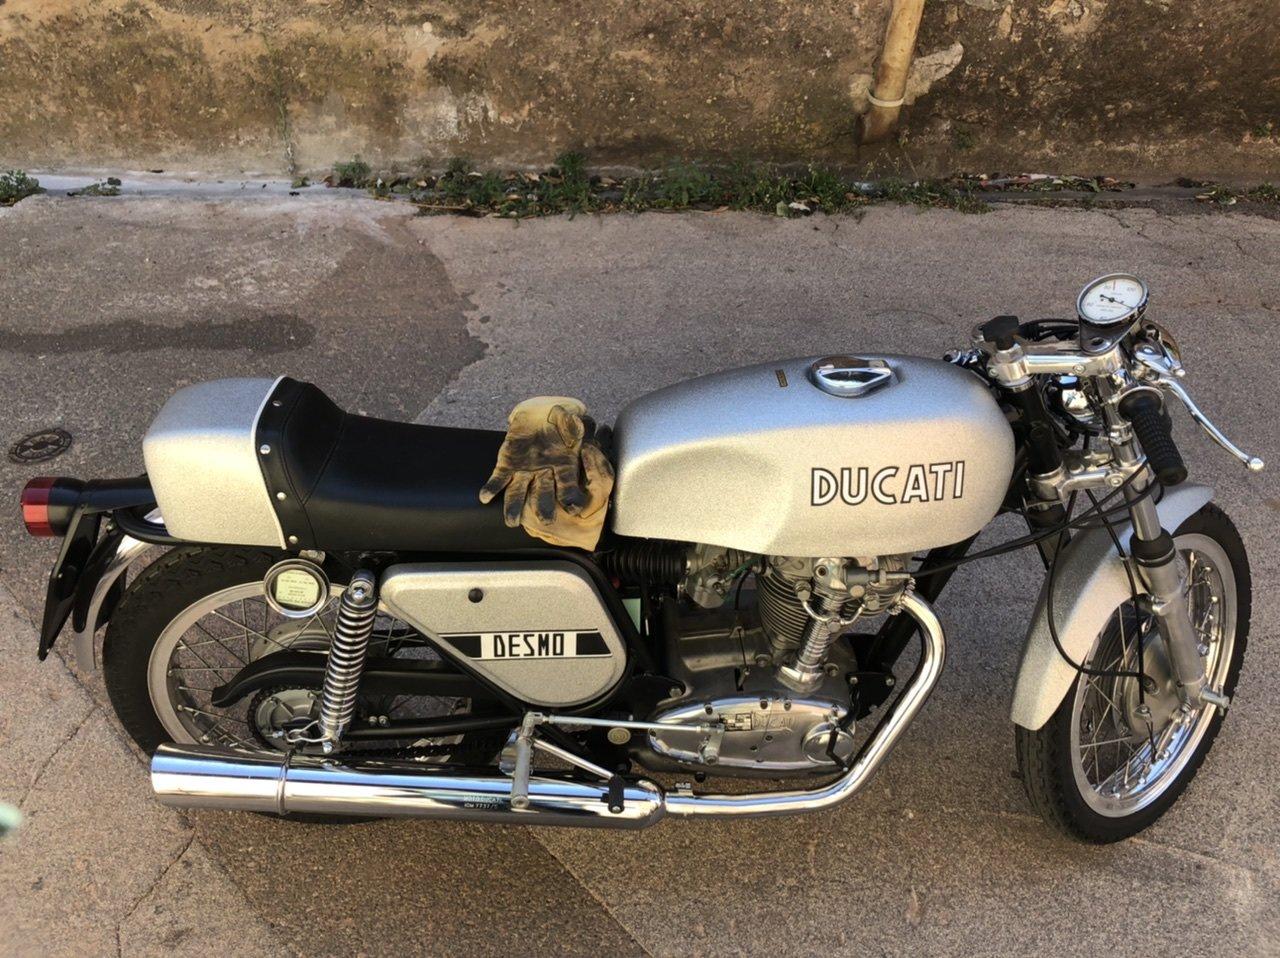 1971 Ducati 350 MK3 Silver Shotgun For Sale (picture 1 of 3)